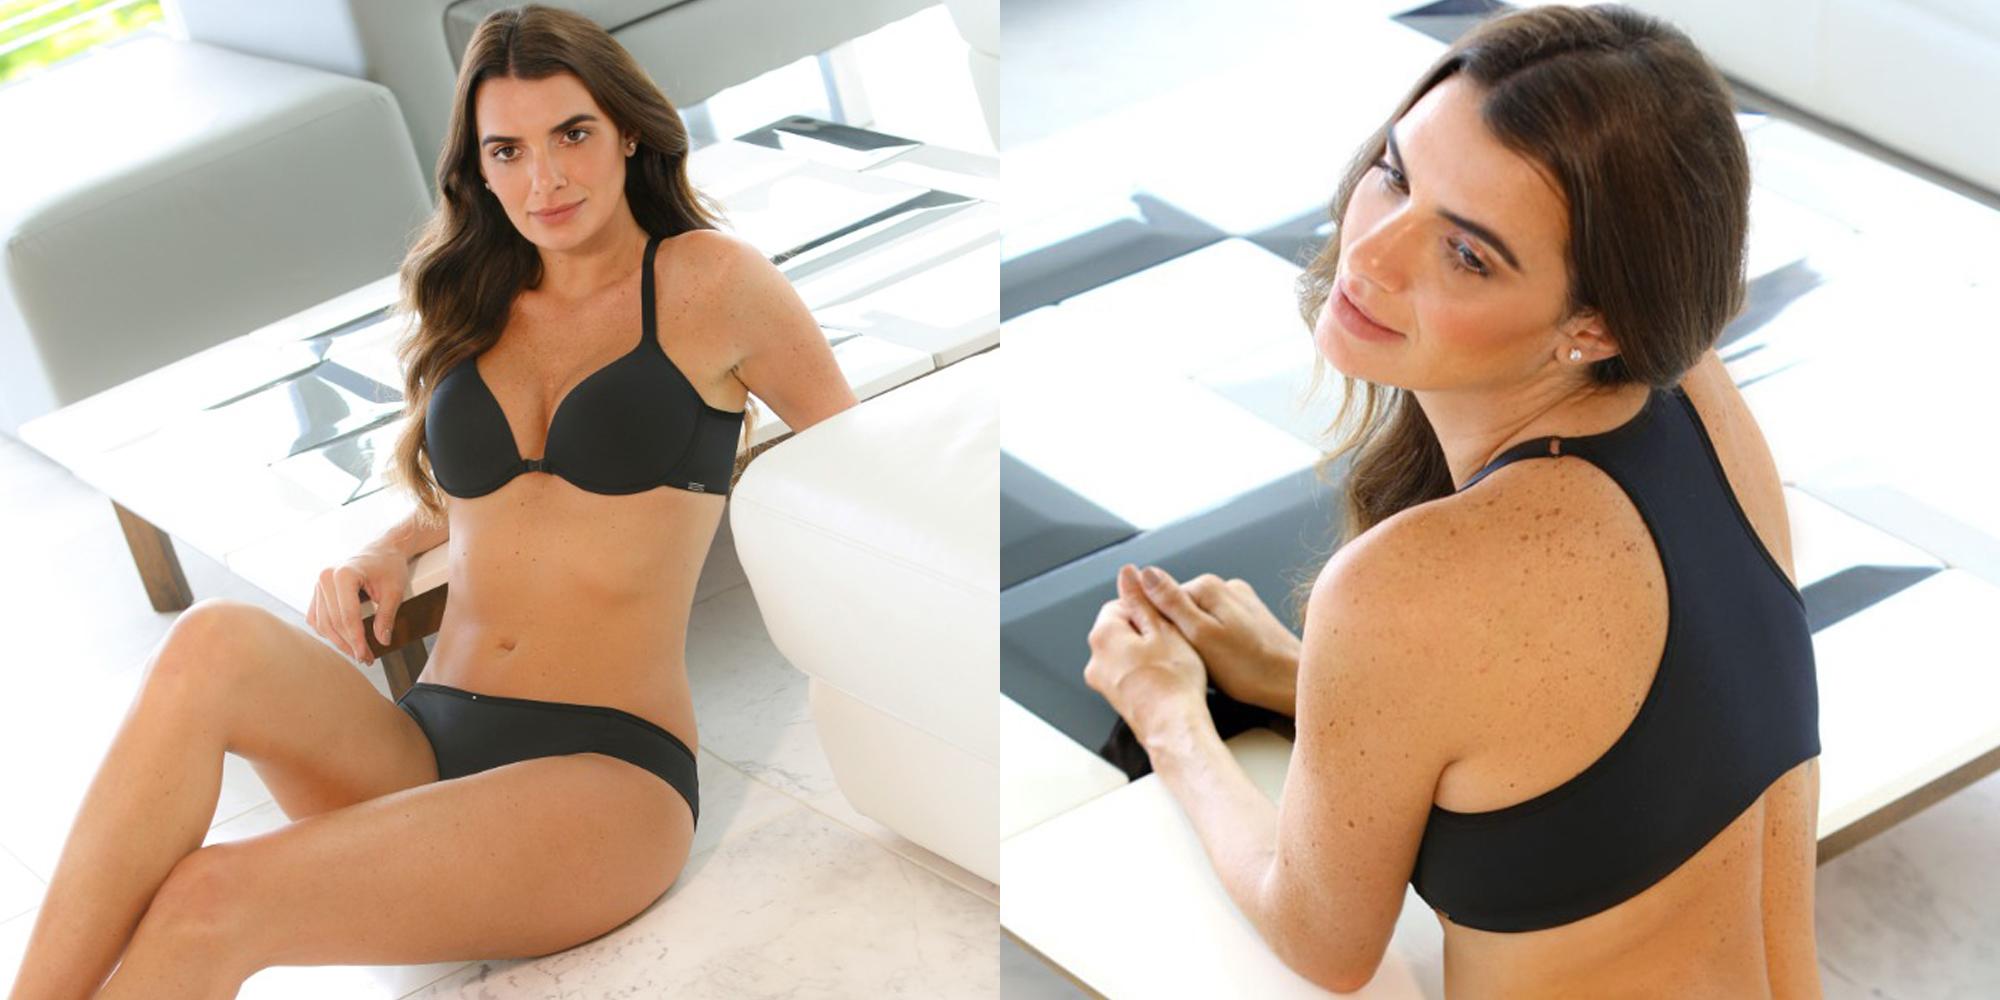 Na foto da esquerda mostra a lingerie completa na cor preta na modelo. Na foto da direita mostra apenas as costas do sutiã. Em ambas as fotos a modelo está sentada no chão apoiada em uma mesa de centro.